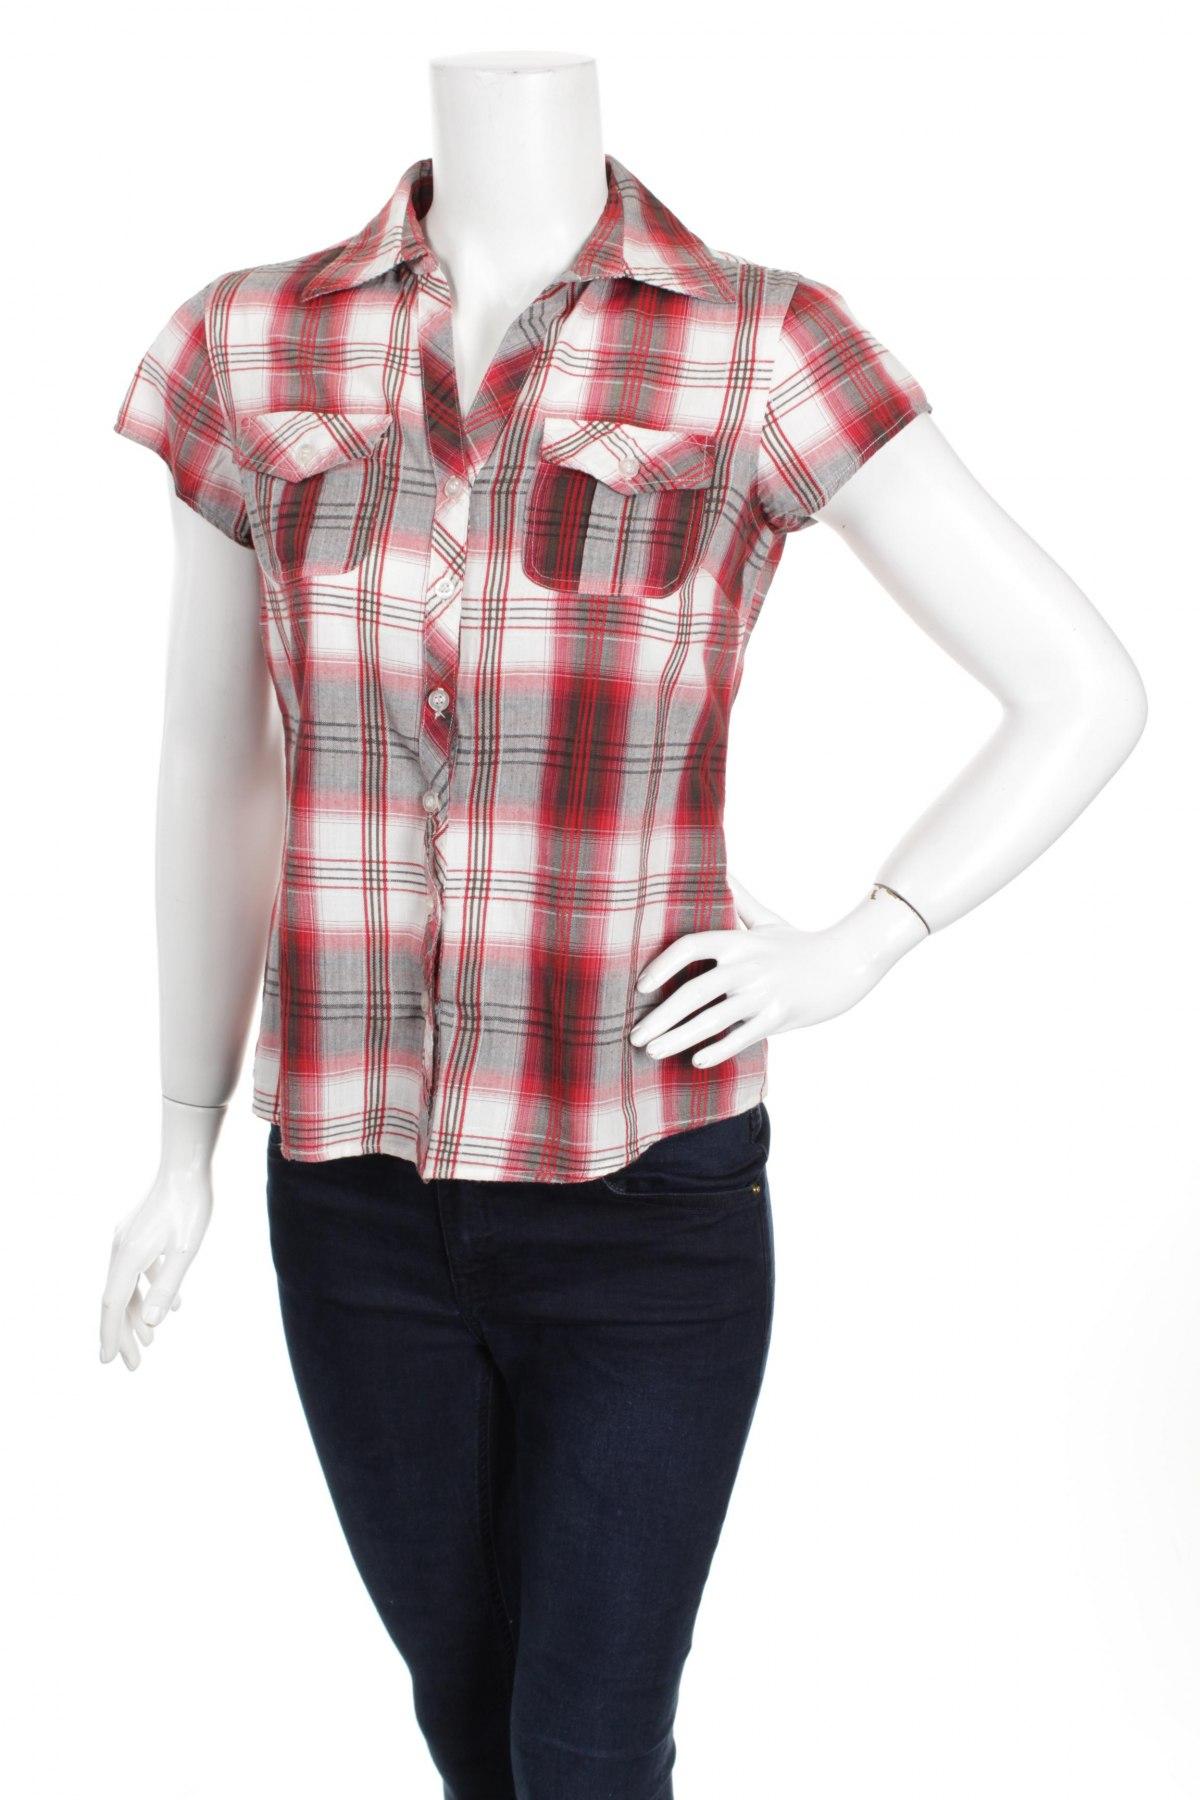 Γυναικείο πουκάμισο Paprika, Μέγεθος S, Χρώμα Κόκκινο, 100% βαμβάκι, Τιμή 11,13€